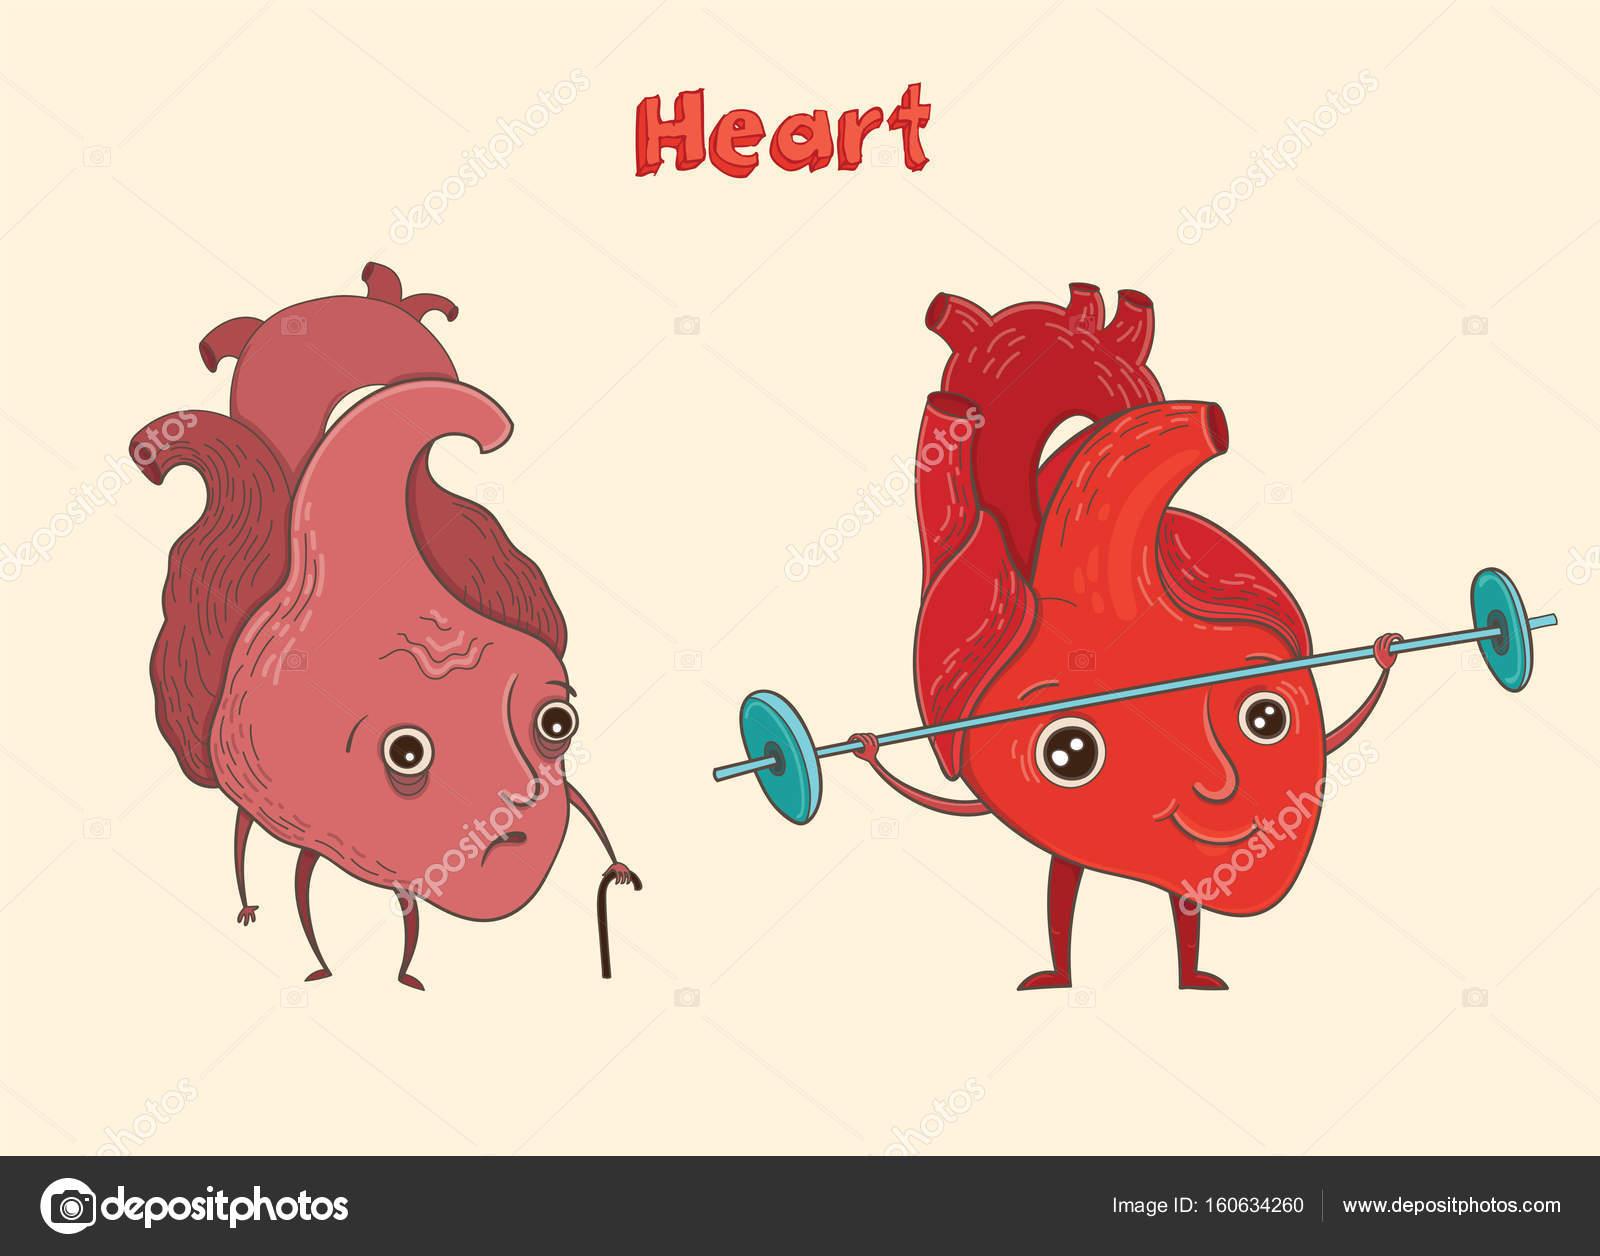 Personaje de dibujos animados corazón humano — Archivo Imágenes ...